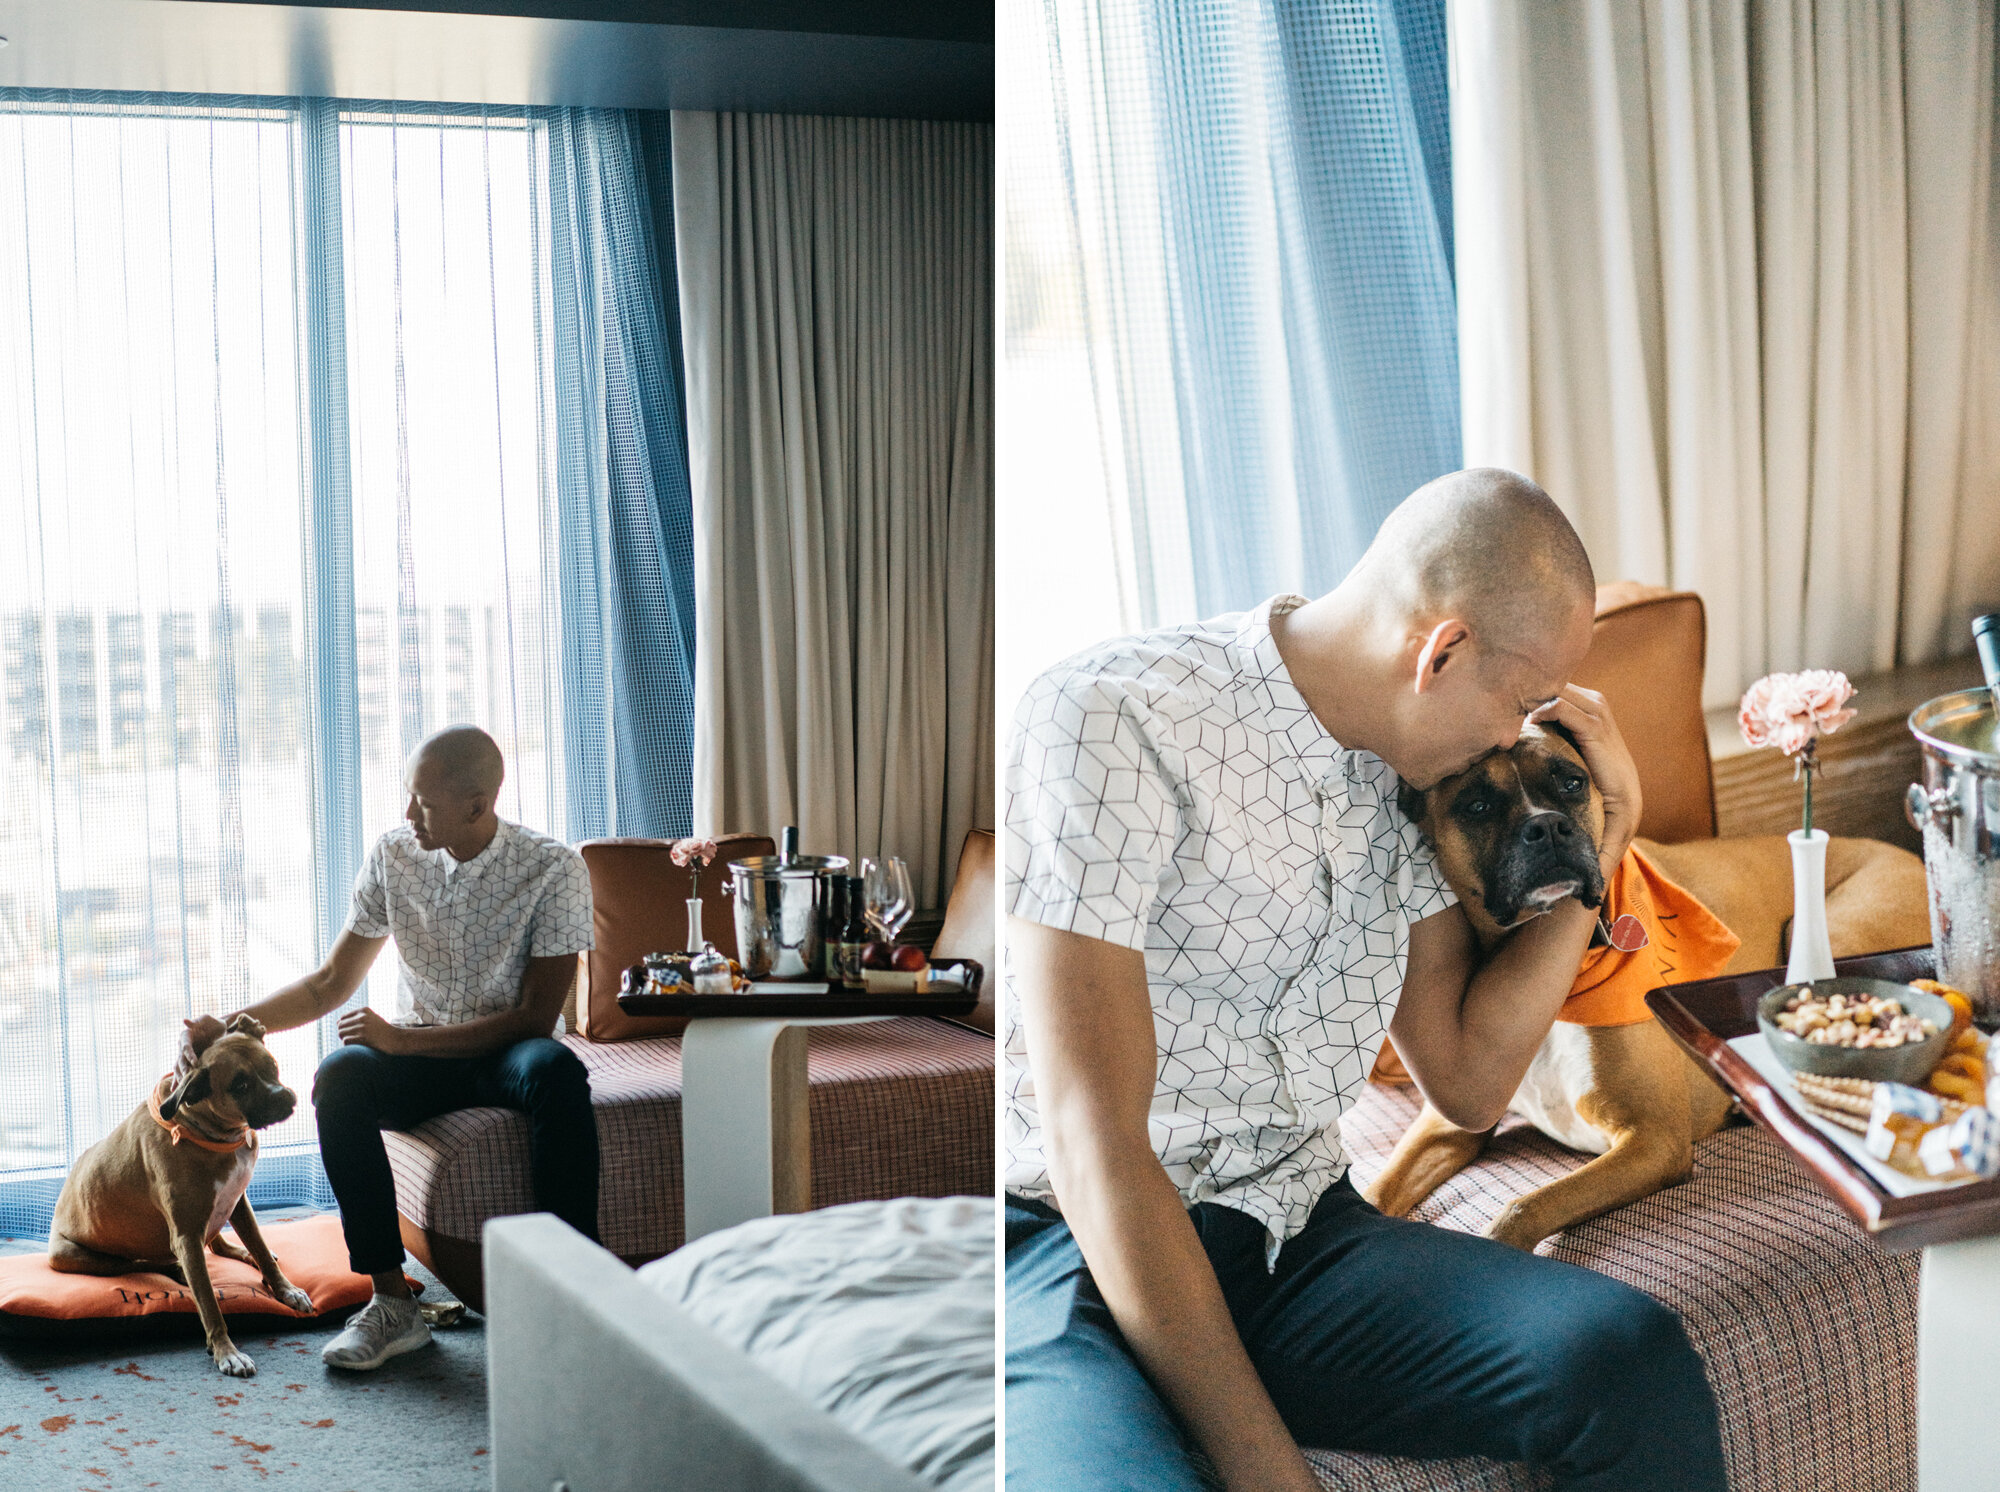 GFJ_hotelnia_review_familygetaway023.jpg